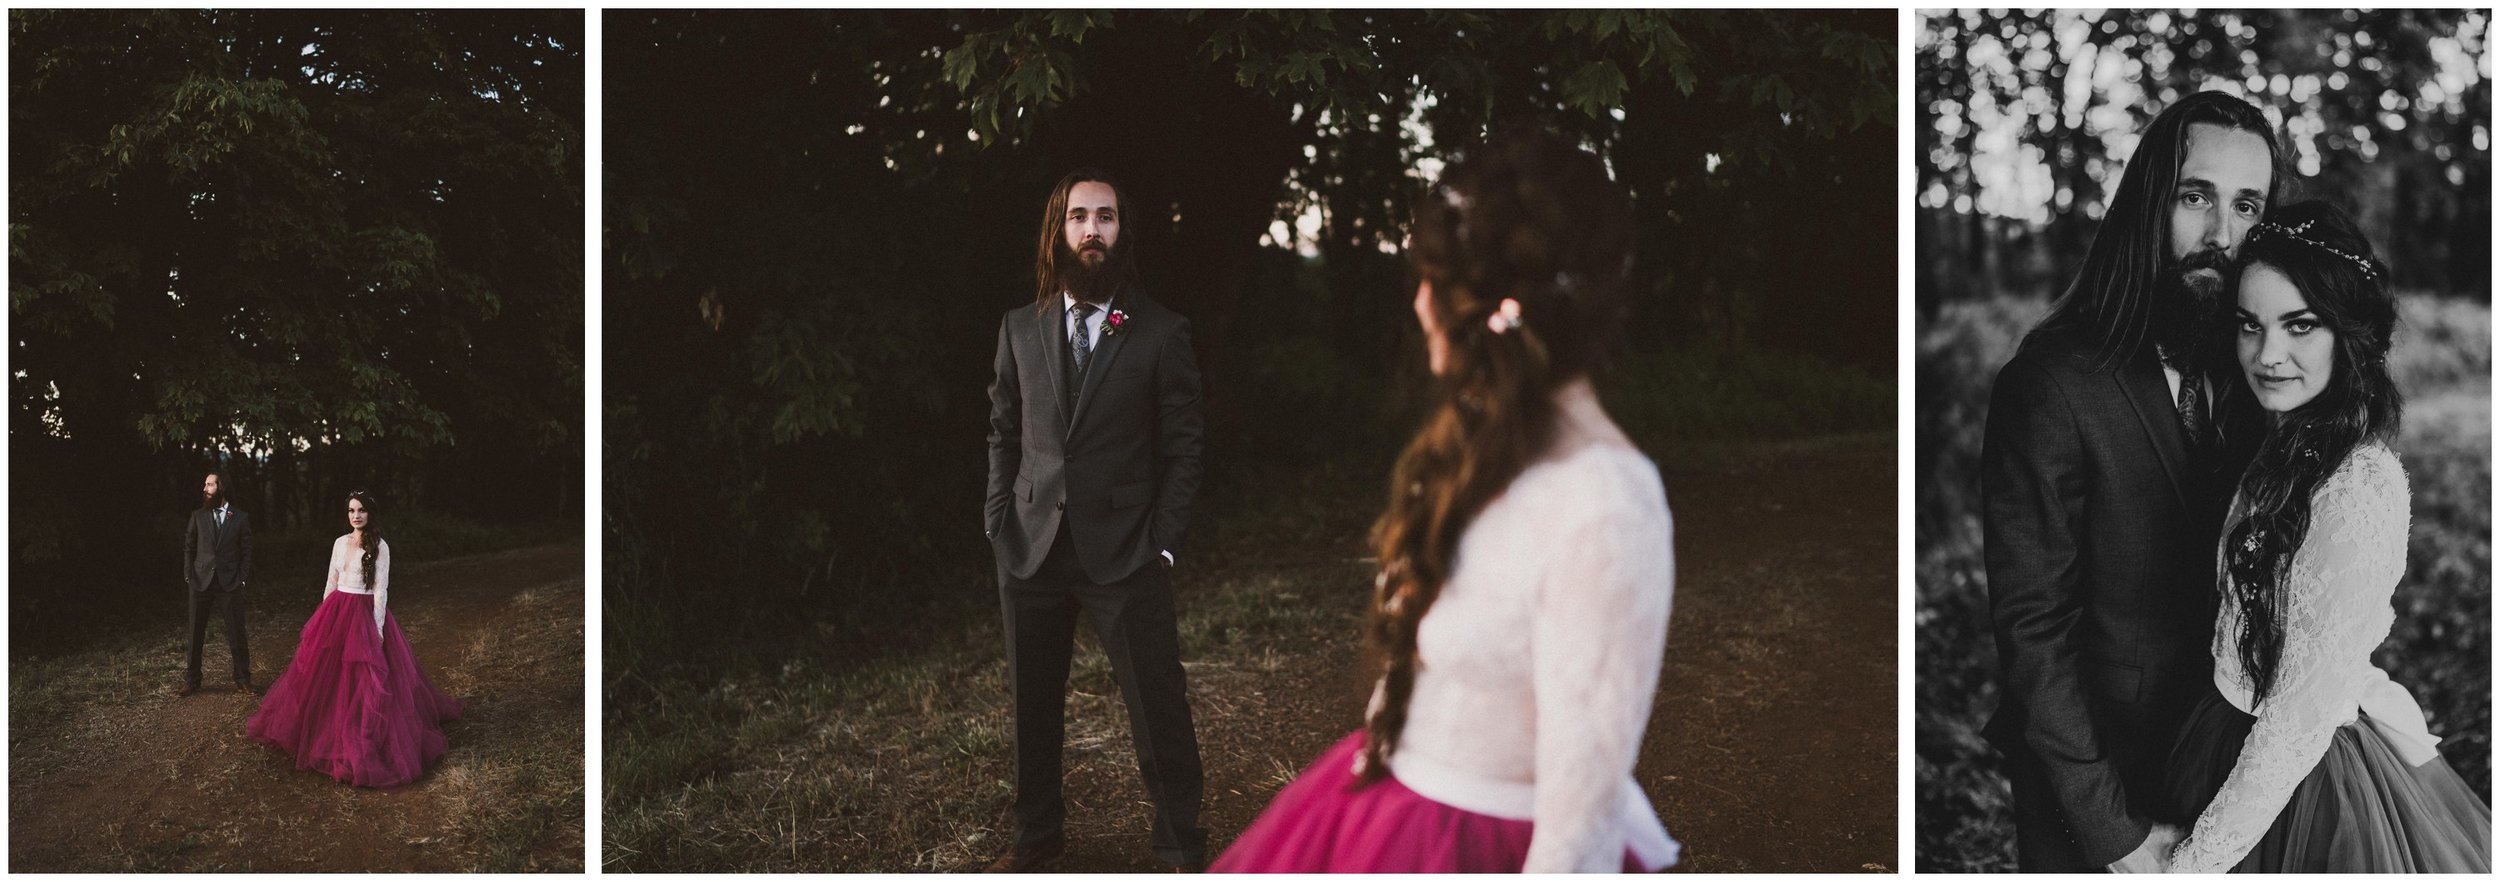 TONY-GAMBINO-PHOTOGRAPHY-BEND-OREGON-WEDDING-SHOOT-000_1541.jpg